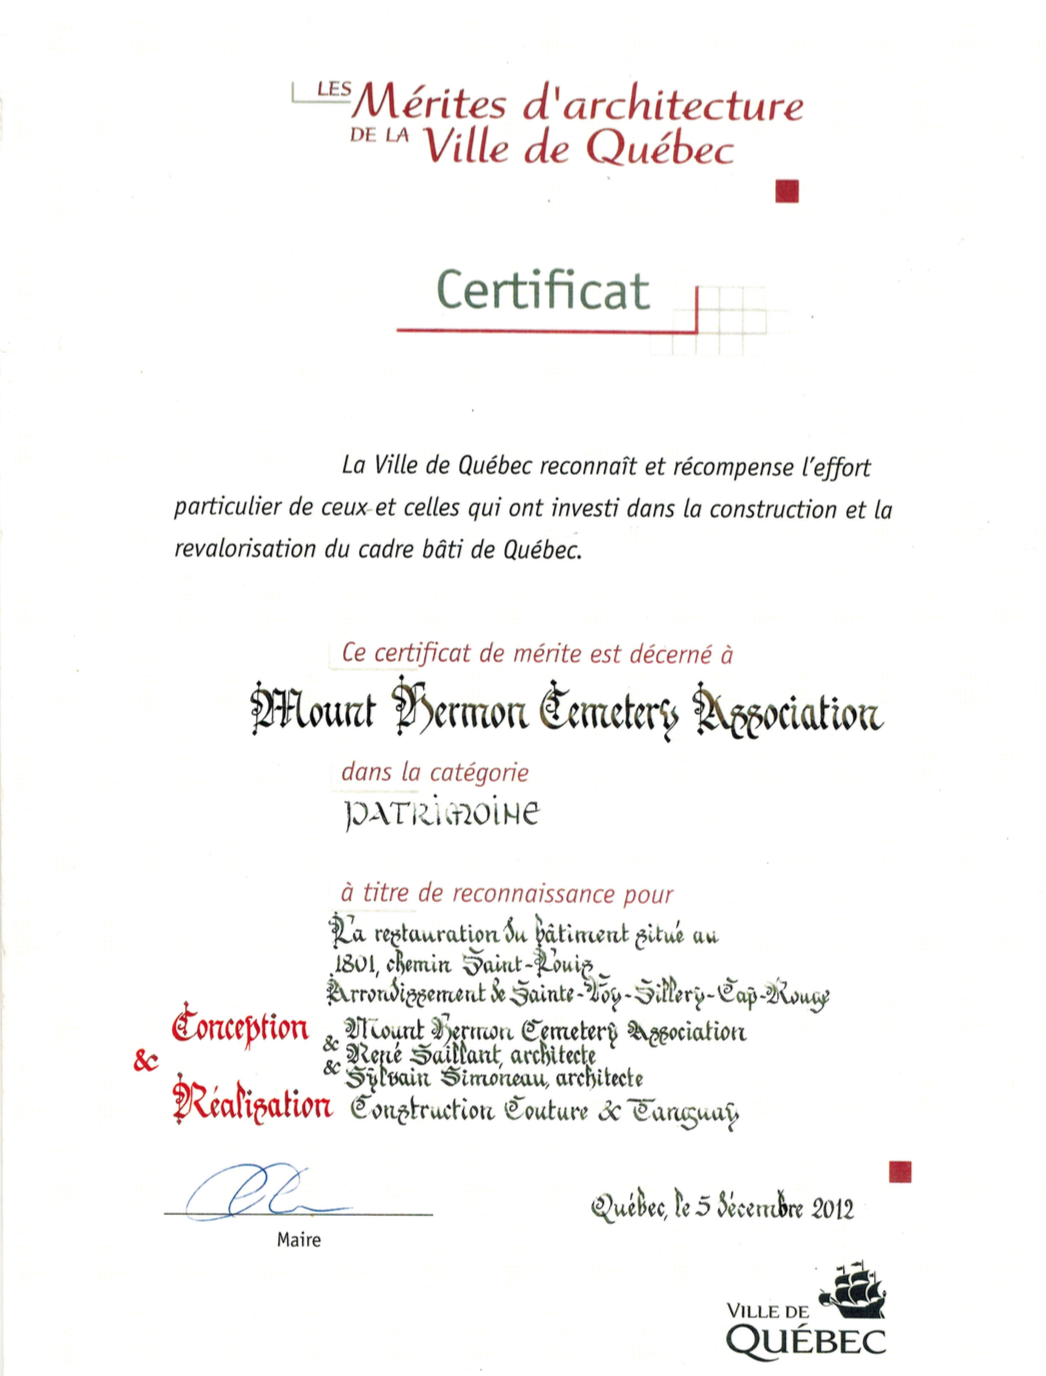 Certificat d'attribution de l'architecture